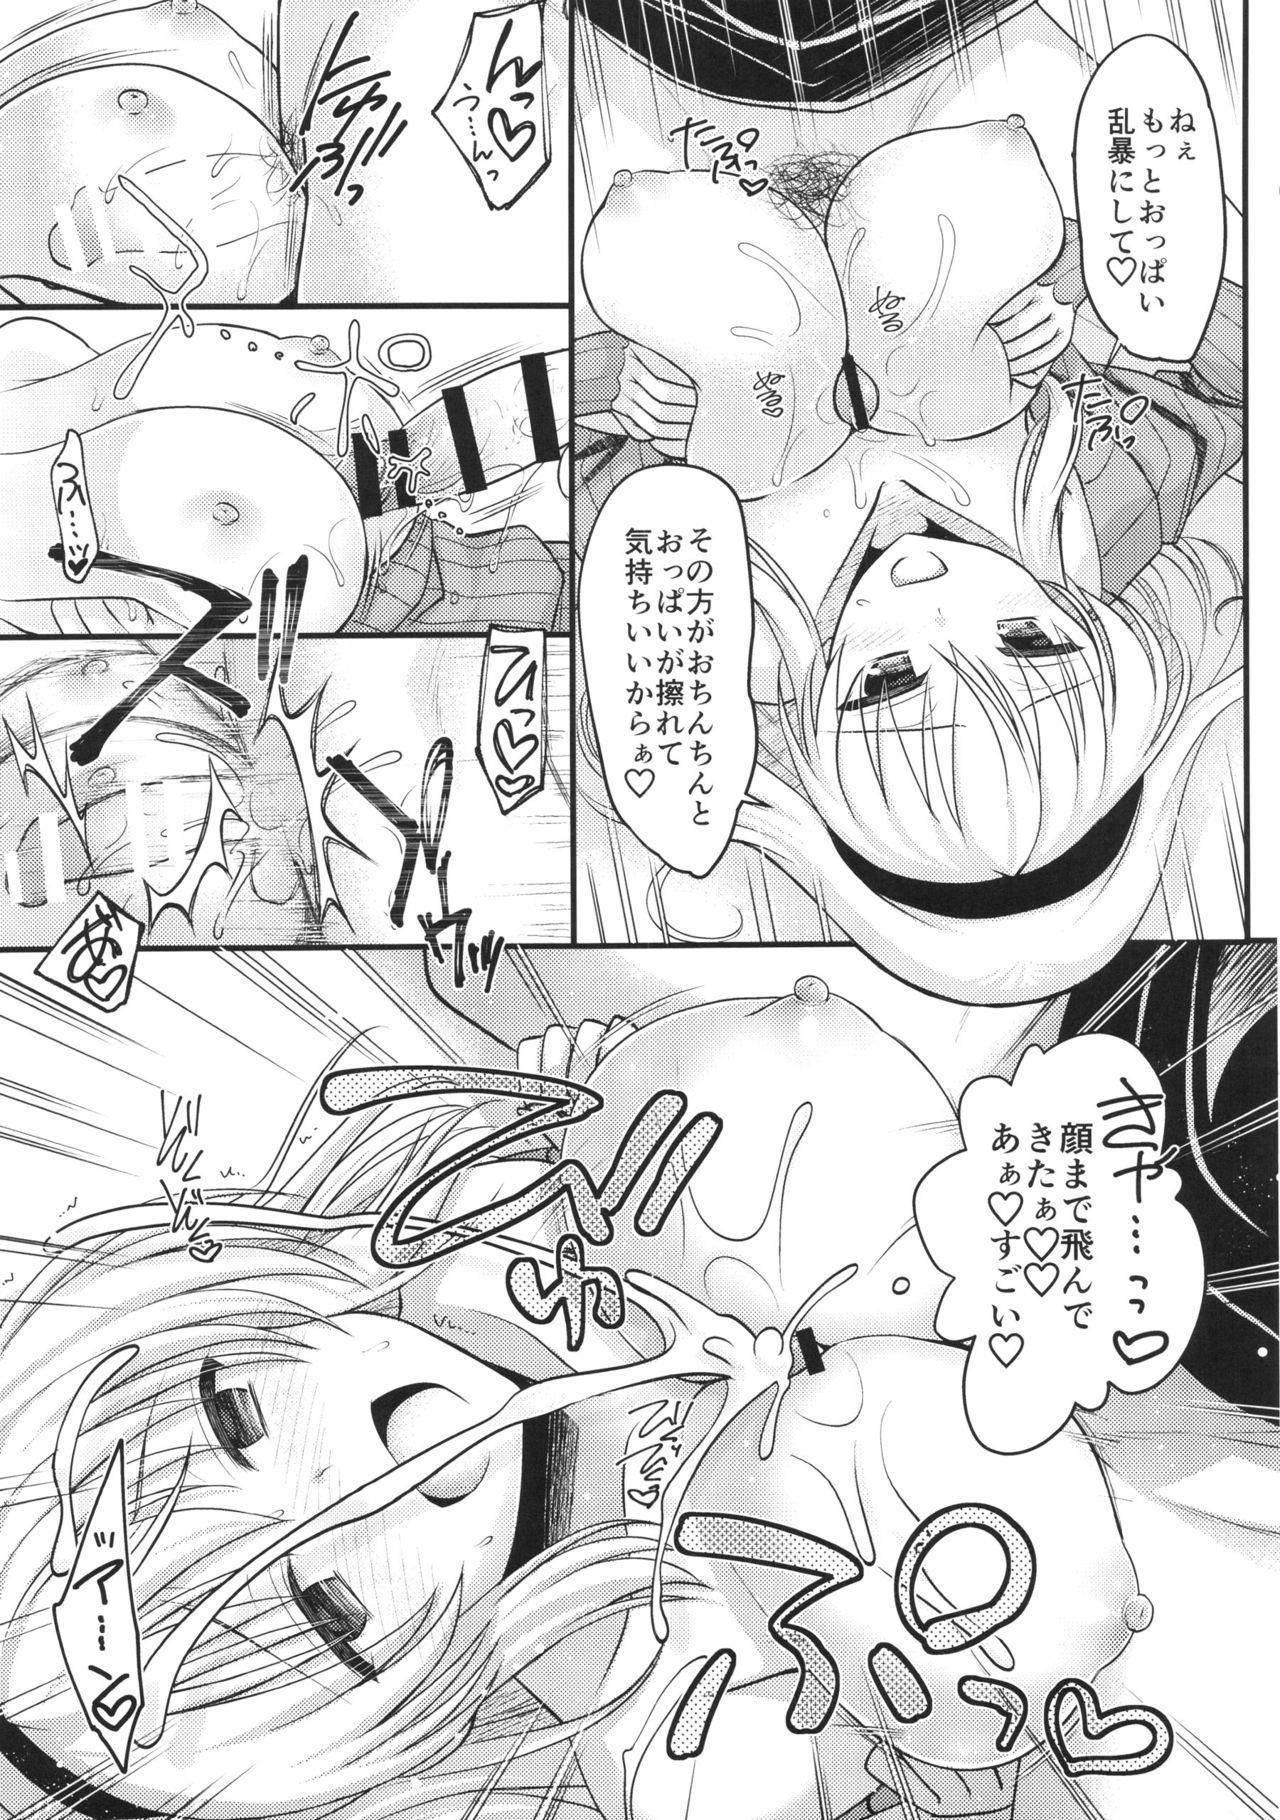 Tonari no Alice-san Fuyu 10